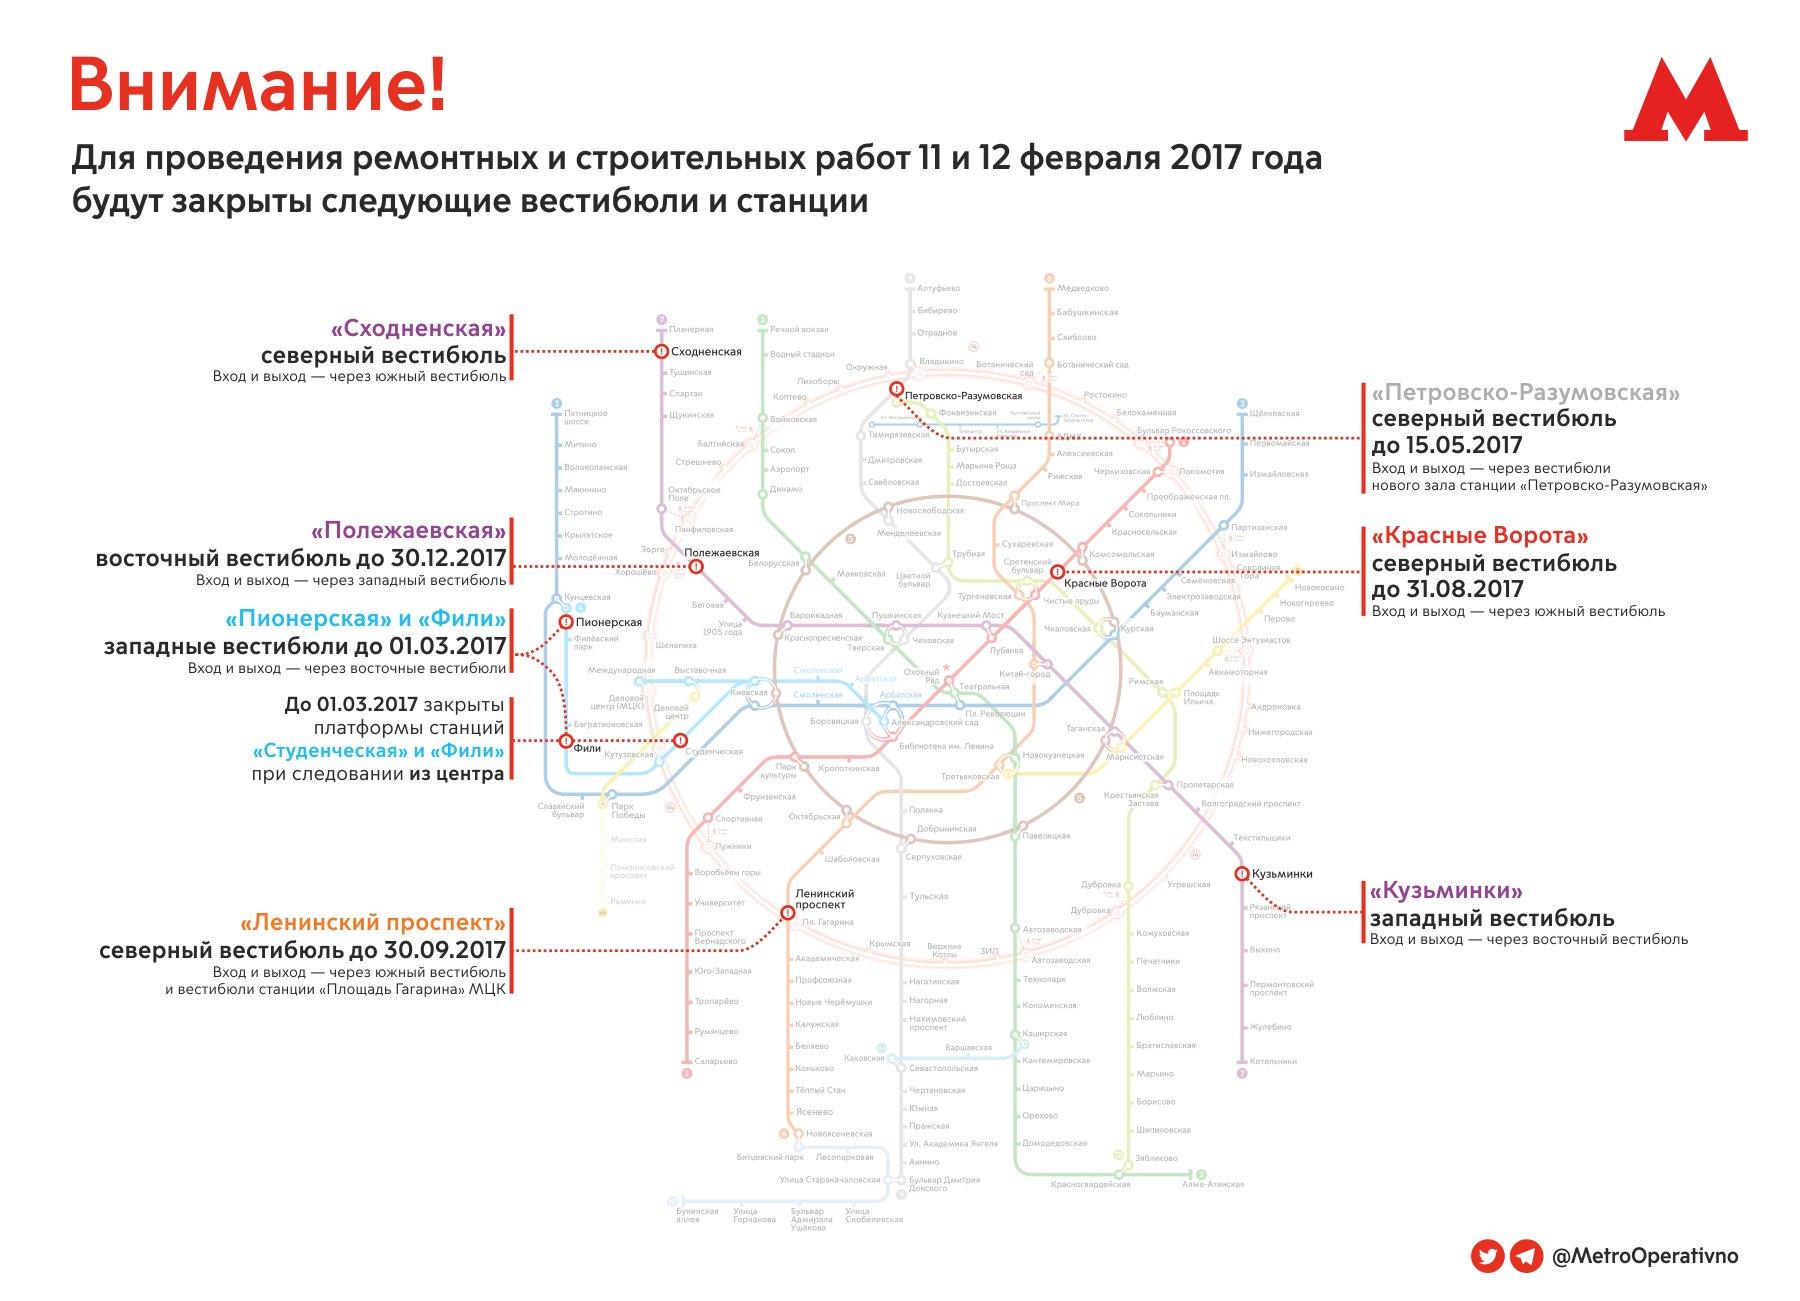 схема ядерного удара россии